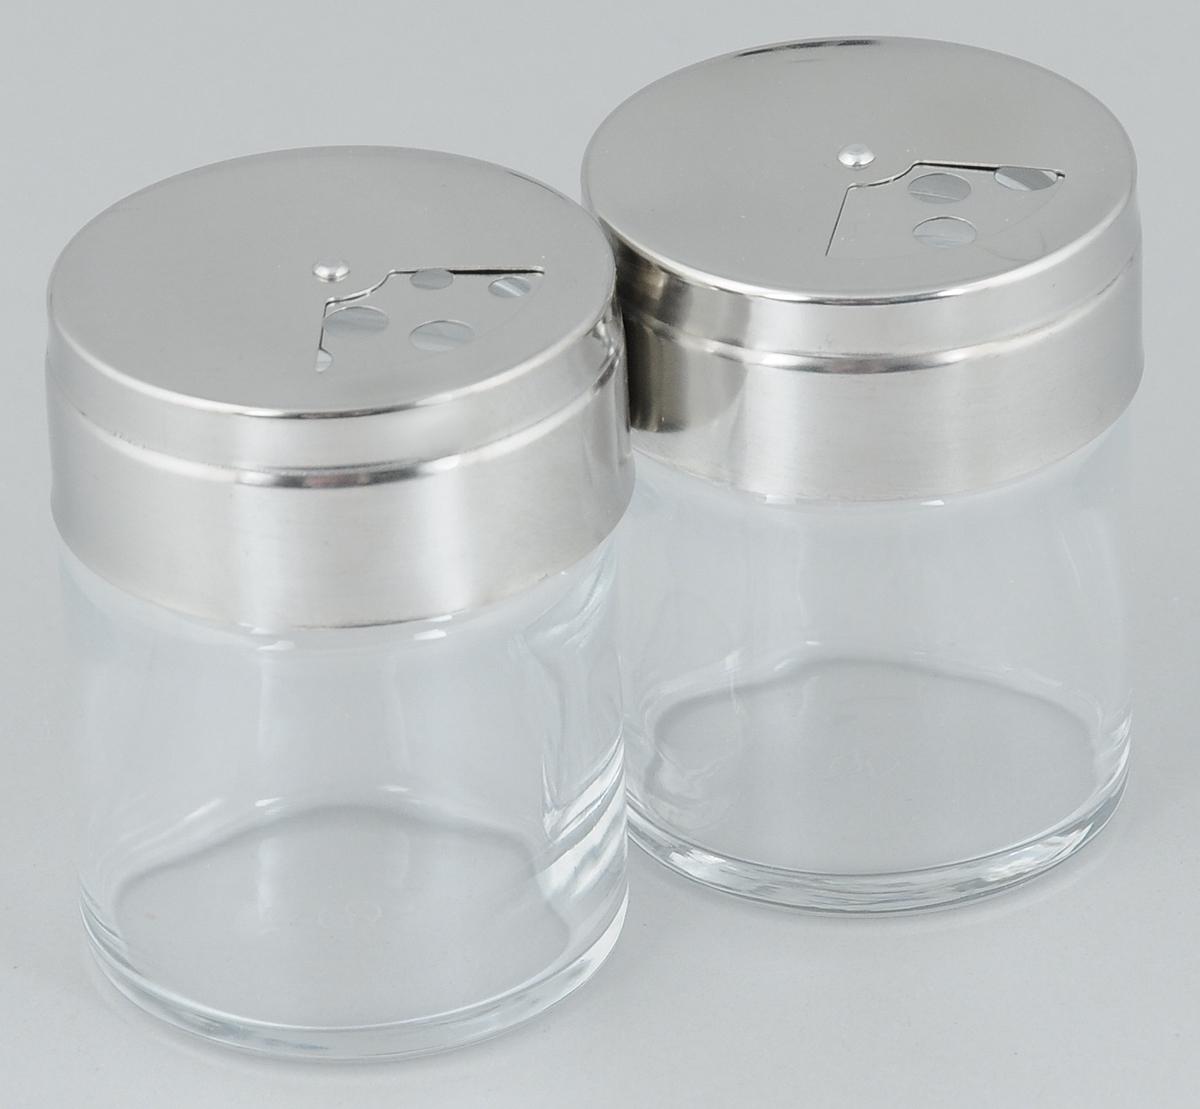 Набор емкостей для специй Pasabahce Basic, 115 мл, 2 шт115510Набор Pasabahce Basic состоит из двух емкостей для специй, изготовленных из прозрачного стекла, что позволяет видеть количество содержимого в емкости. Изделия оснащены откручивающимися металлическими крышками с отверстиями.Стильная форма этих емкостей привлекает внимание и будет уместна на любой кухне.Размер емкости: 5,5 х 5,5 х 7 см.